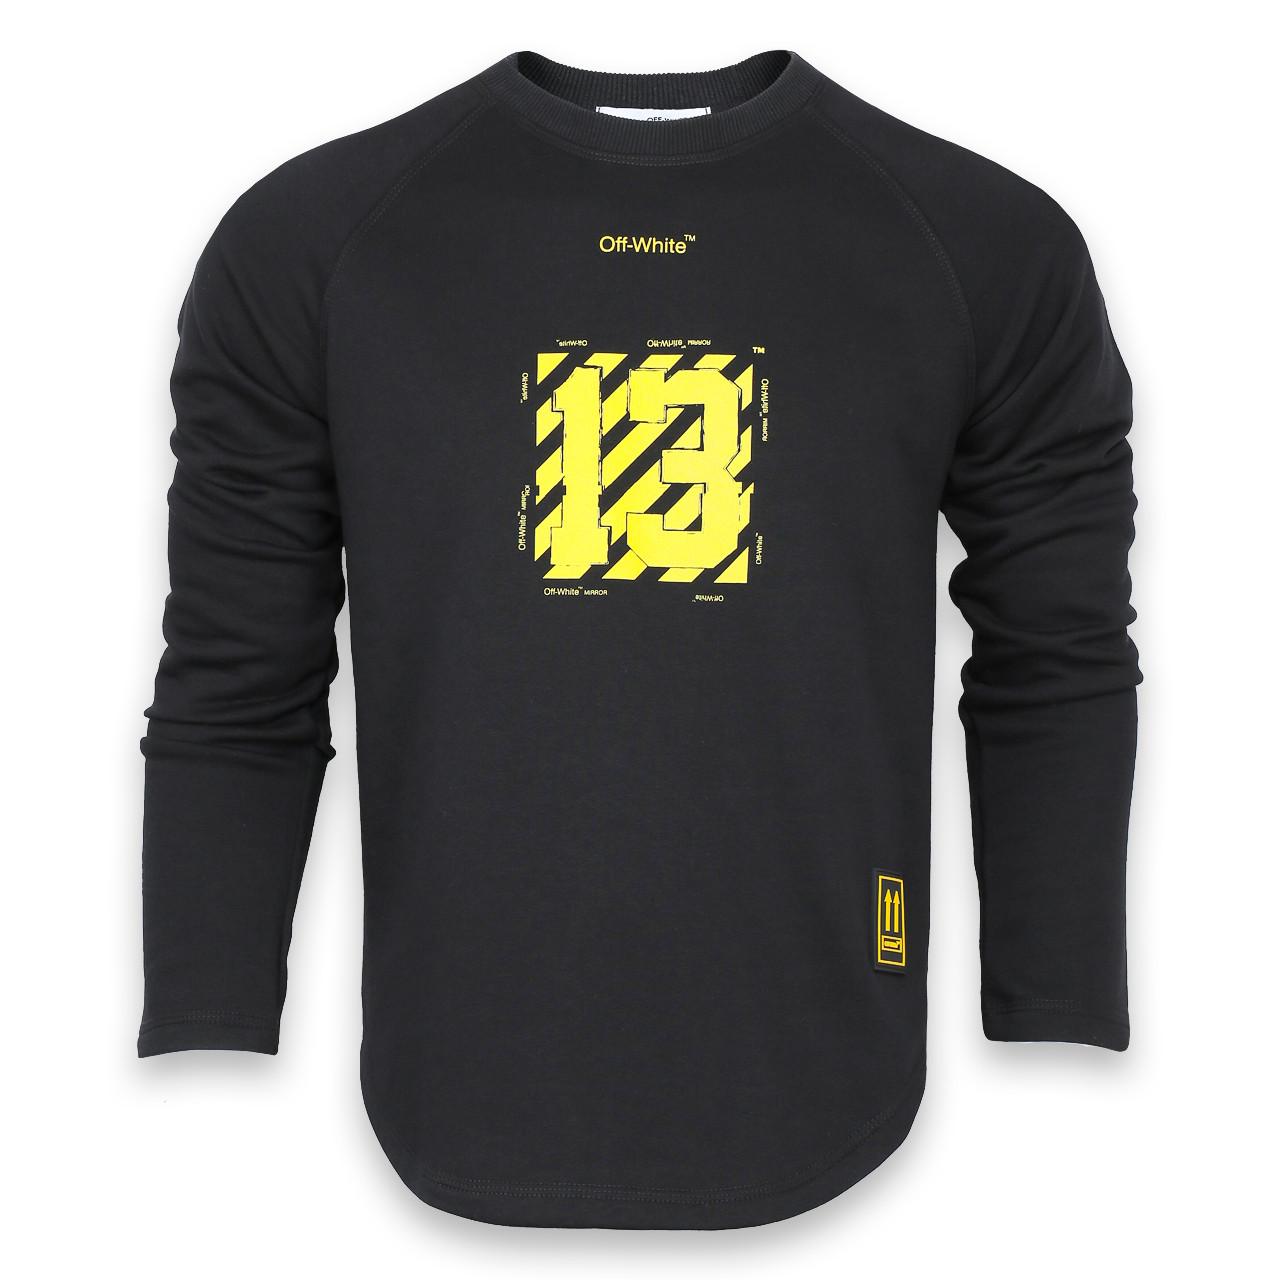 Свитшот мужской черный с желтым OFF-WHITE №13 Р-2 BLK S(Р) 19-503-201-001